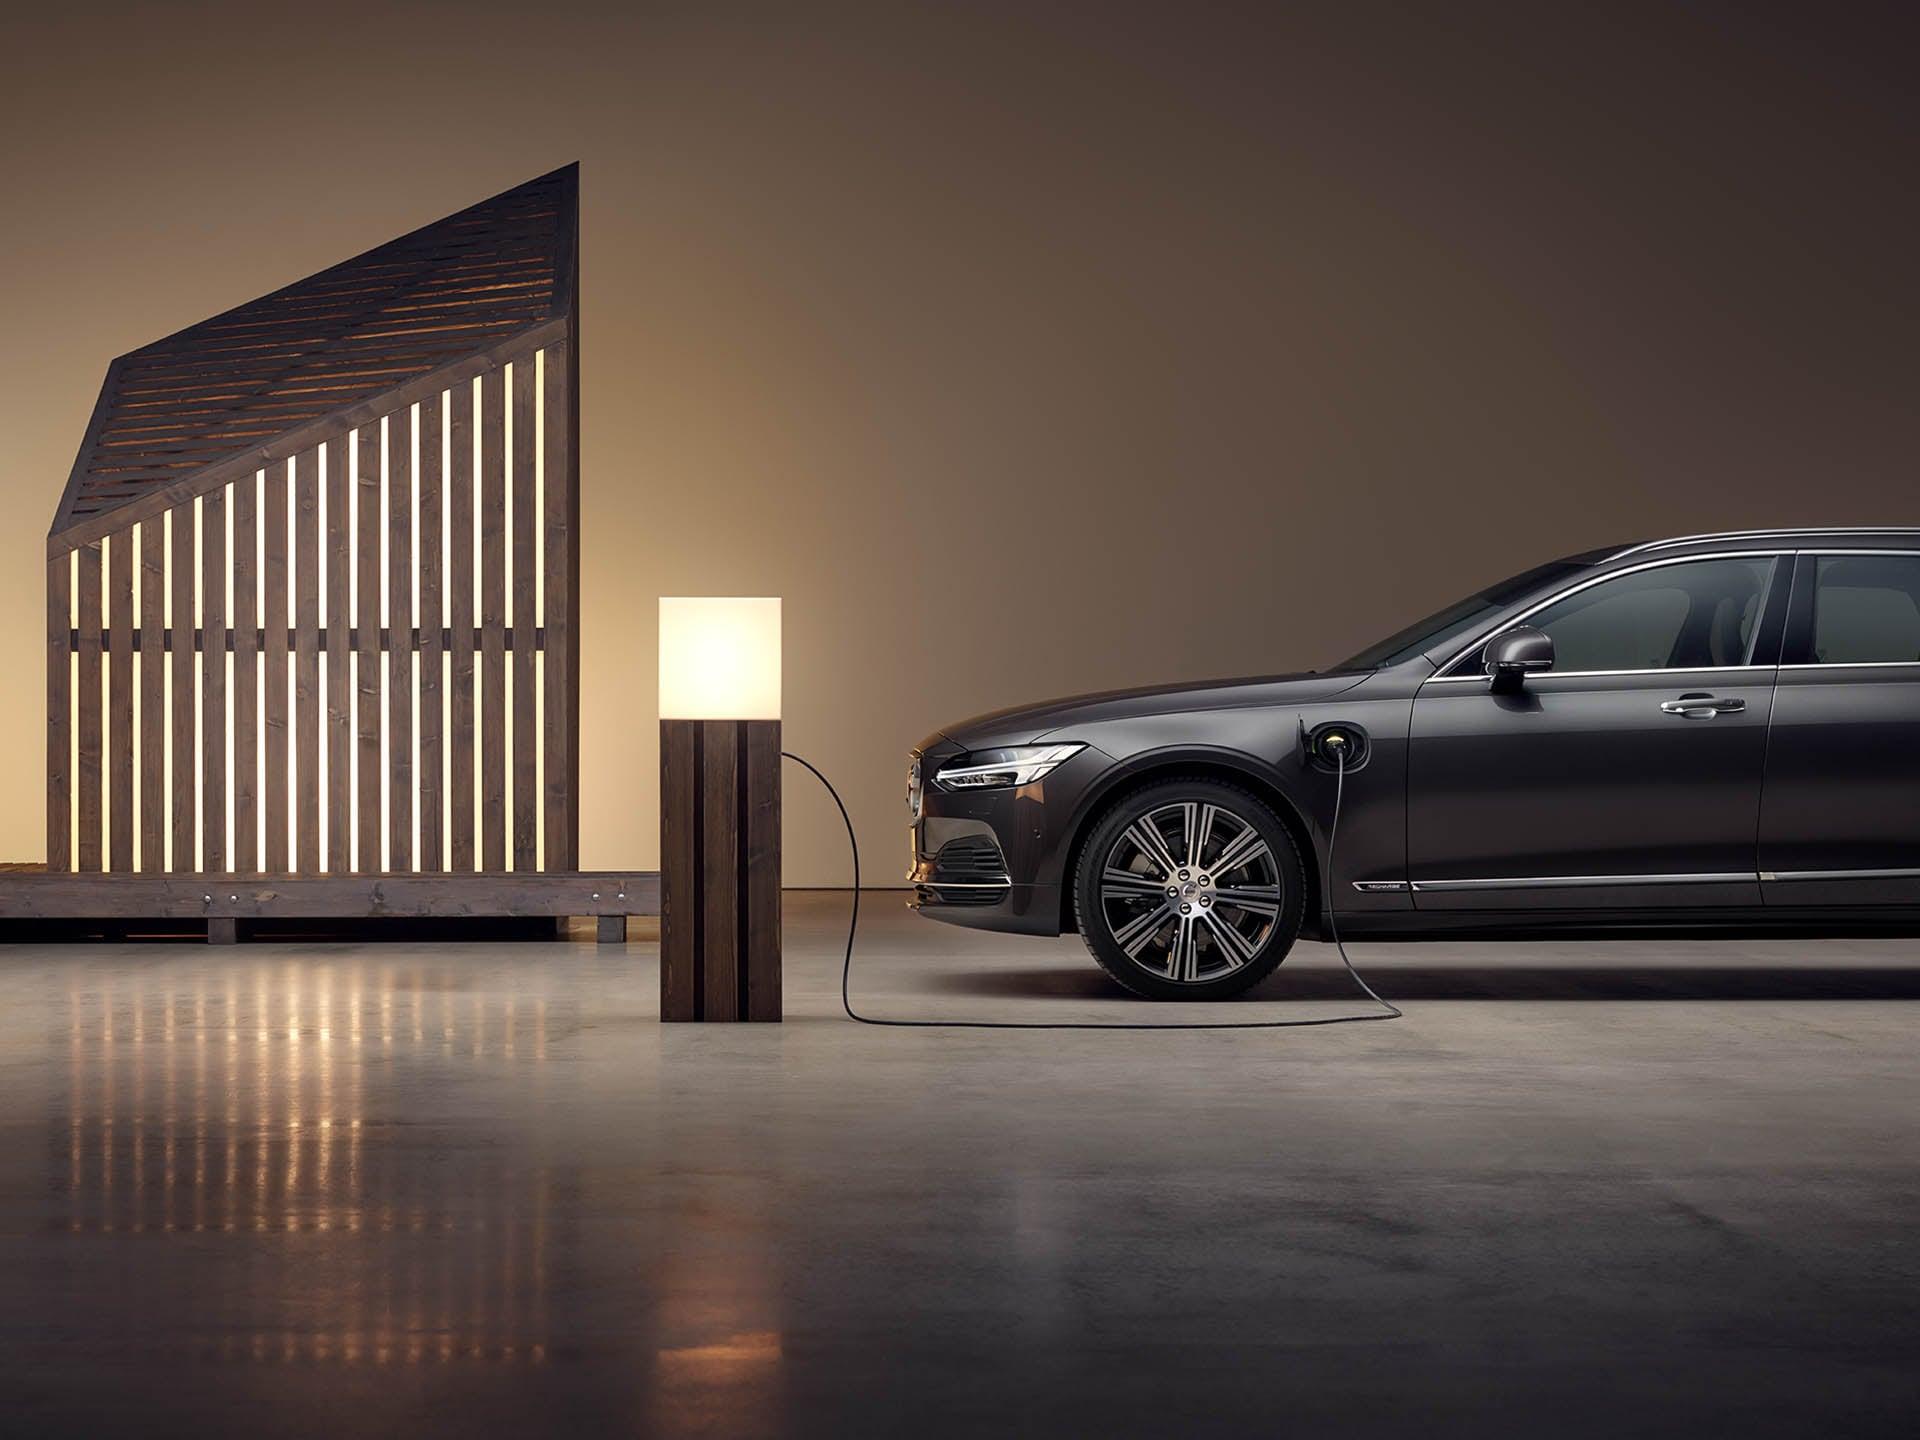 Un Volvo V60 Recharge plug-in hybrid de culoare gri, care se încarcă